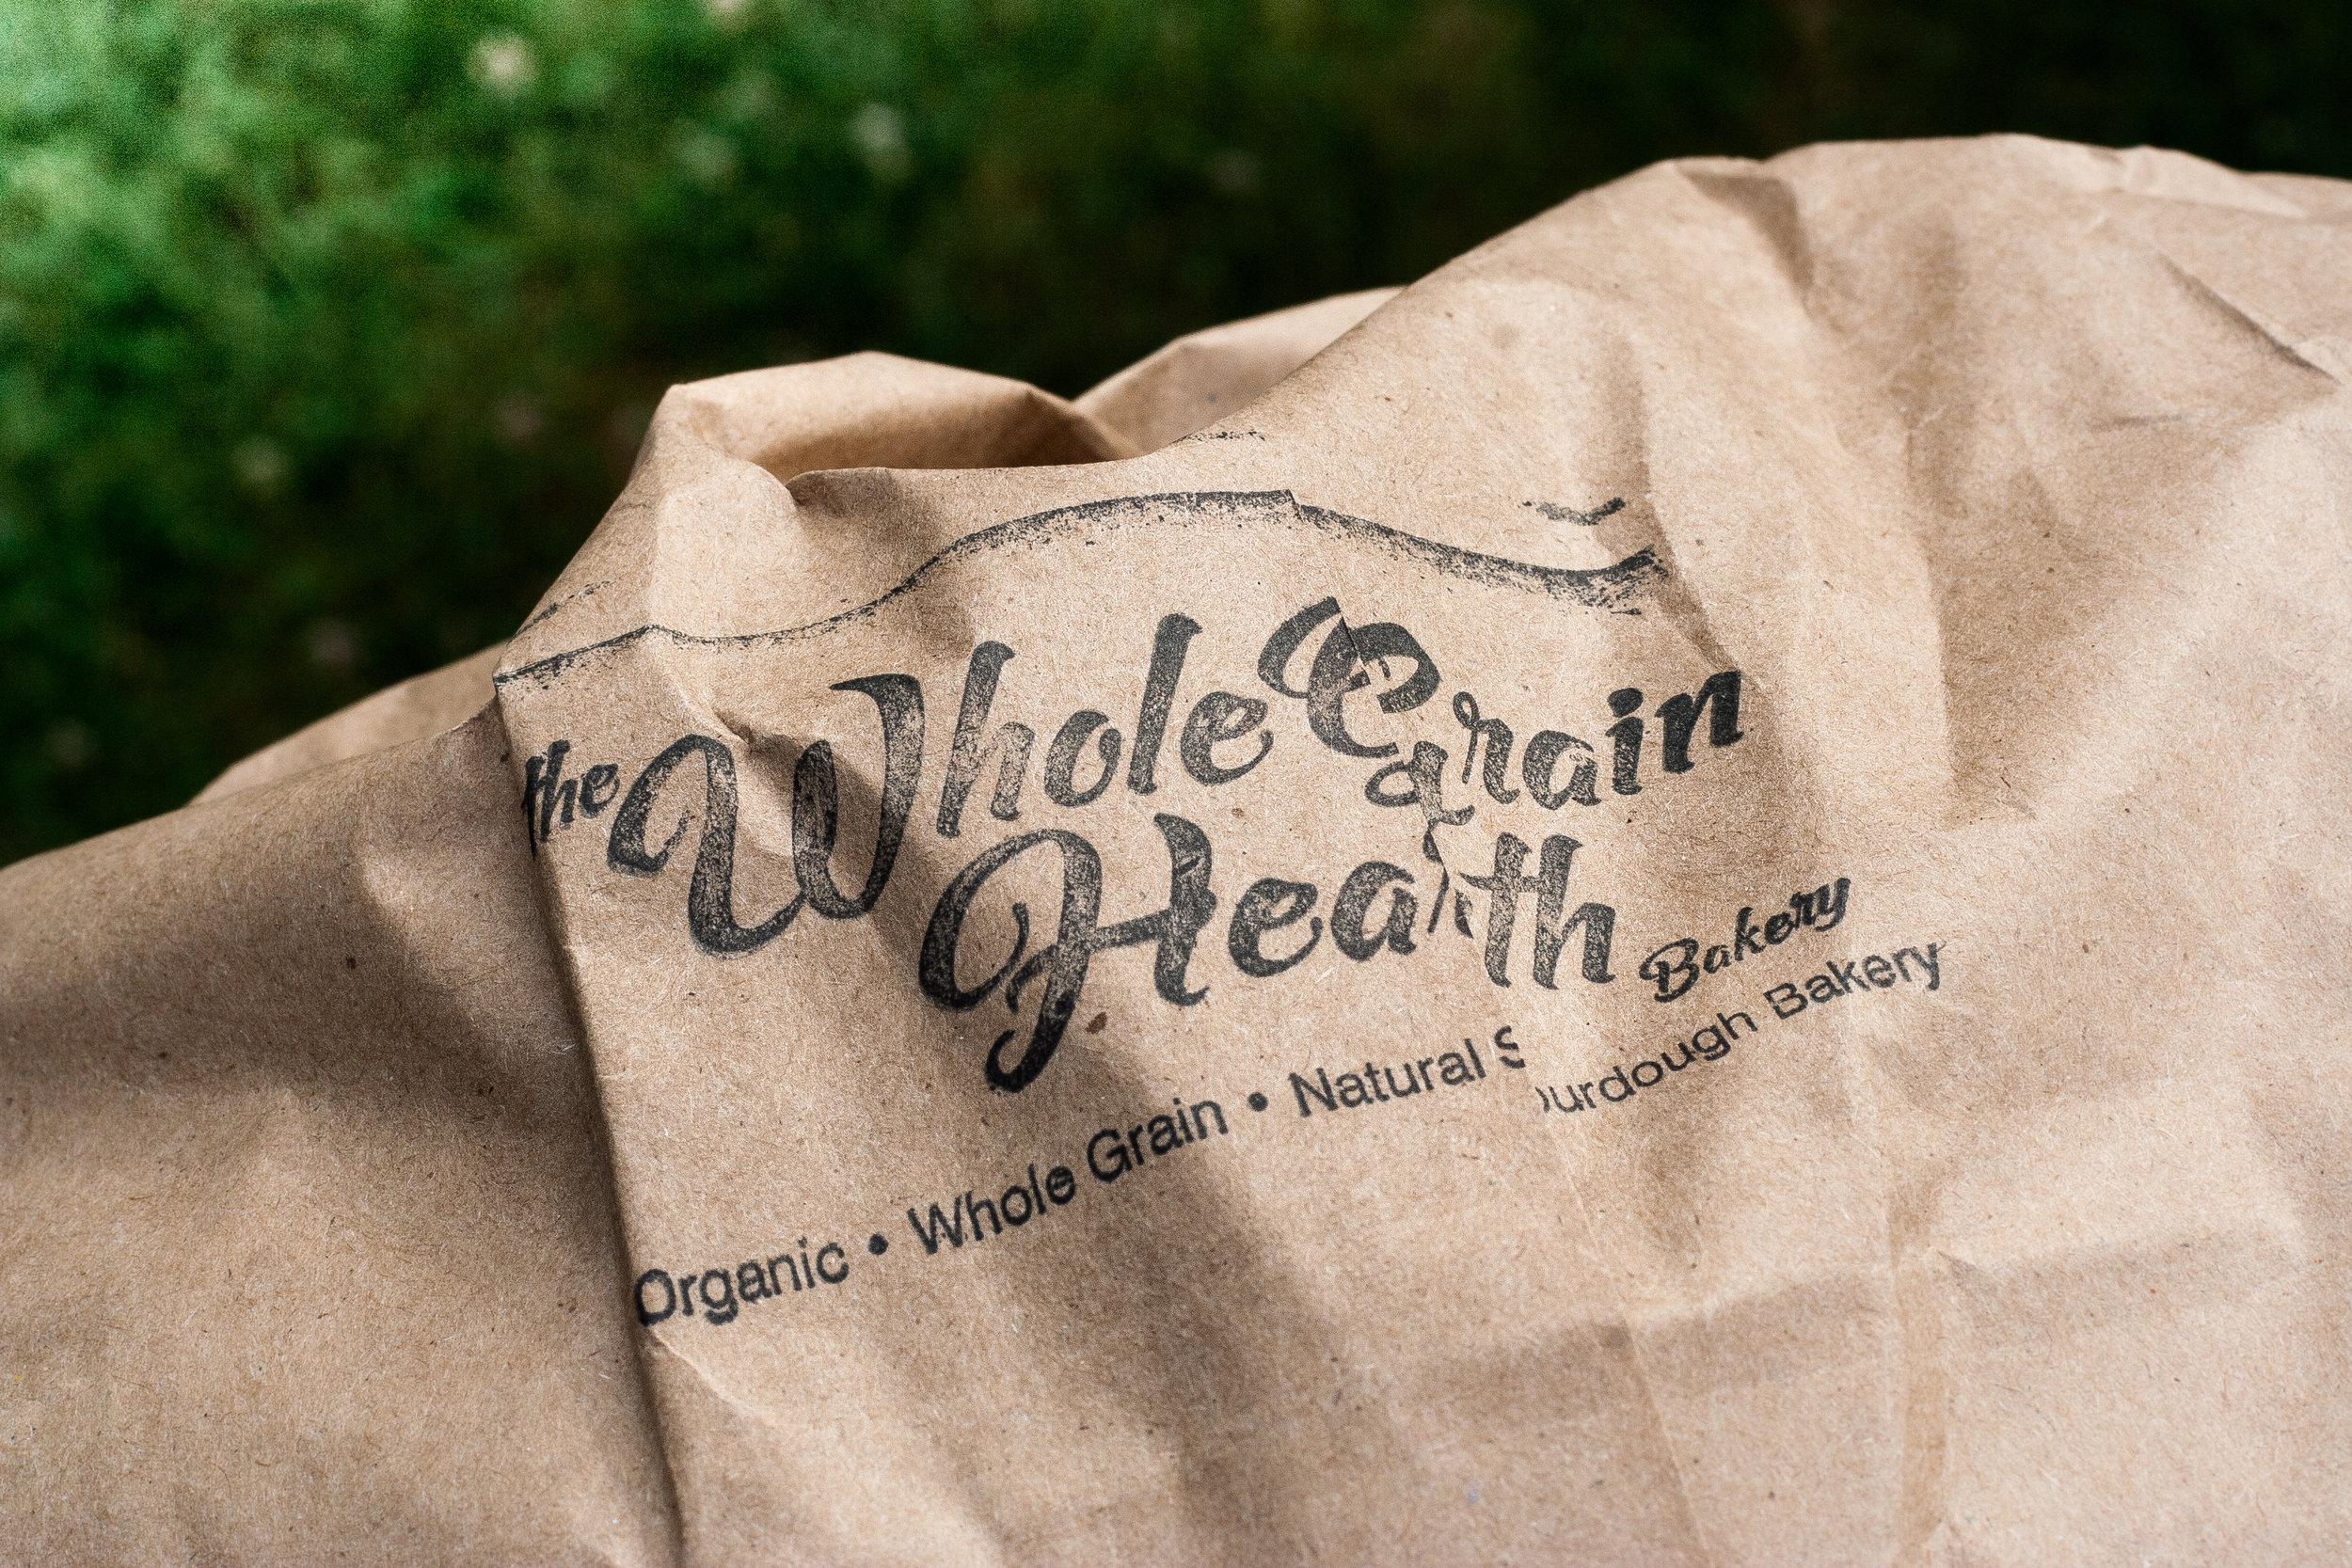 The Whole Grain Hearth Bakery logo